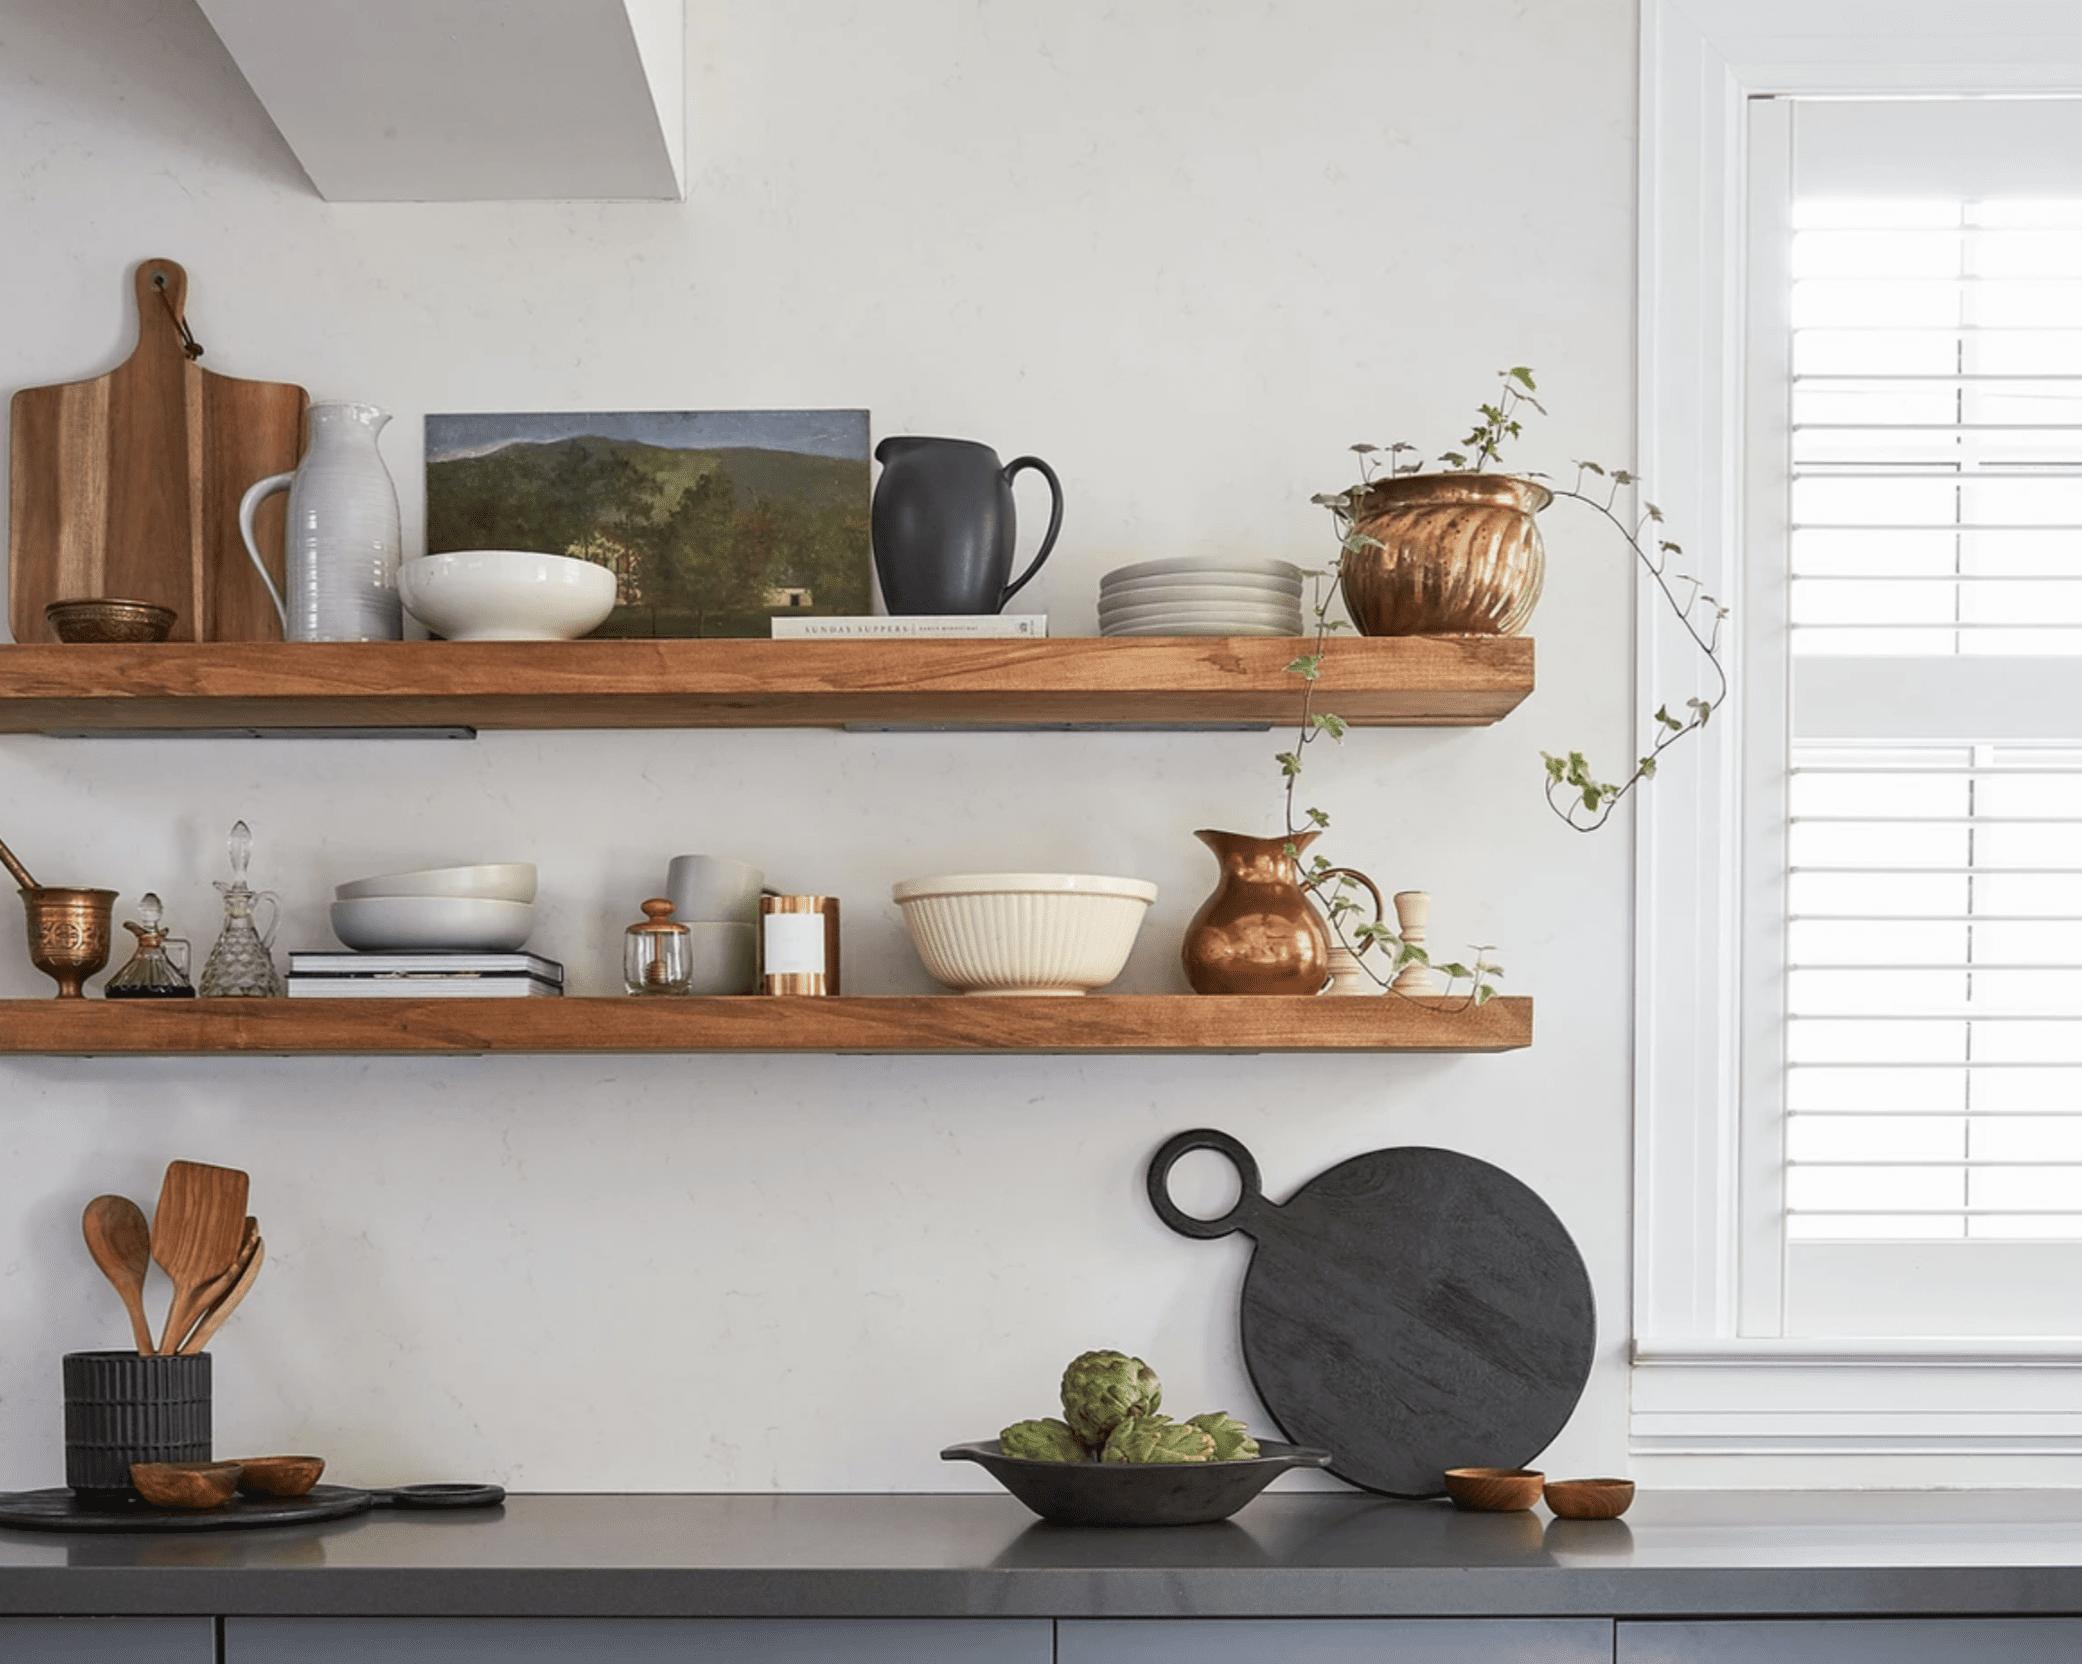 9 Best Floating Shelf Ideas